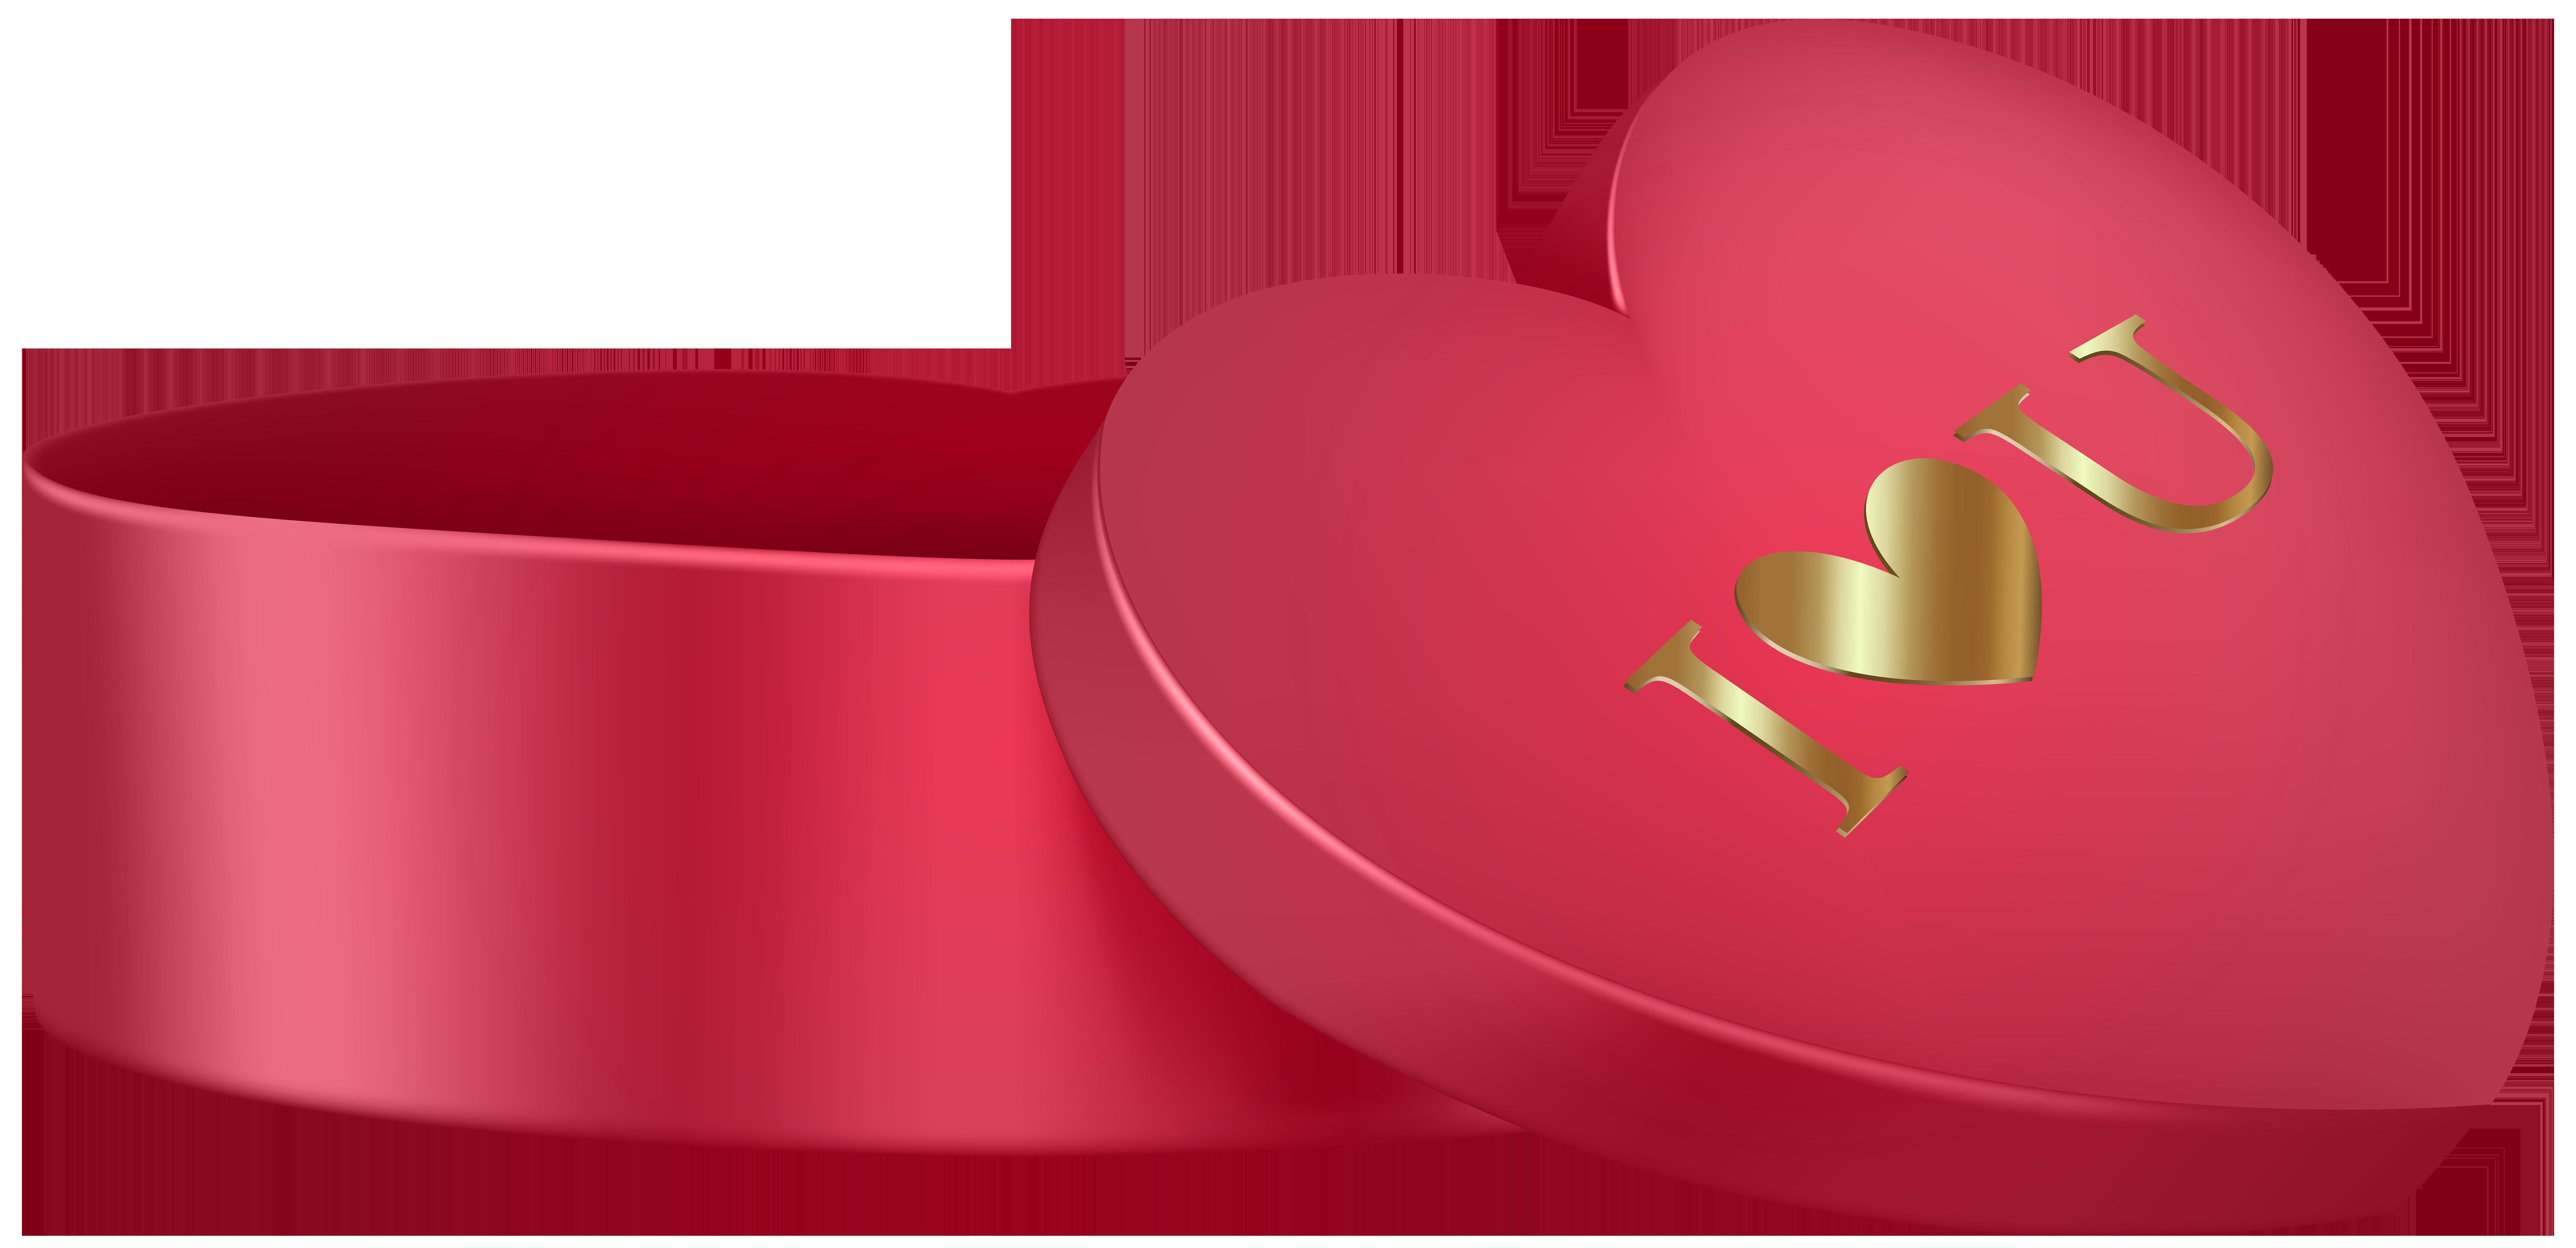 Piano clipart heart. Box png clip art